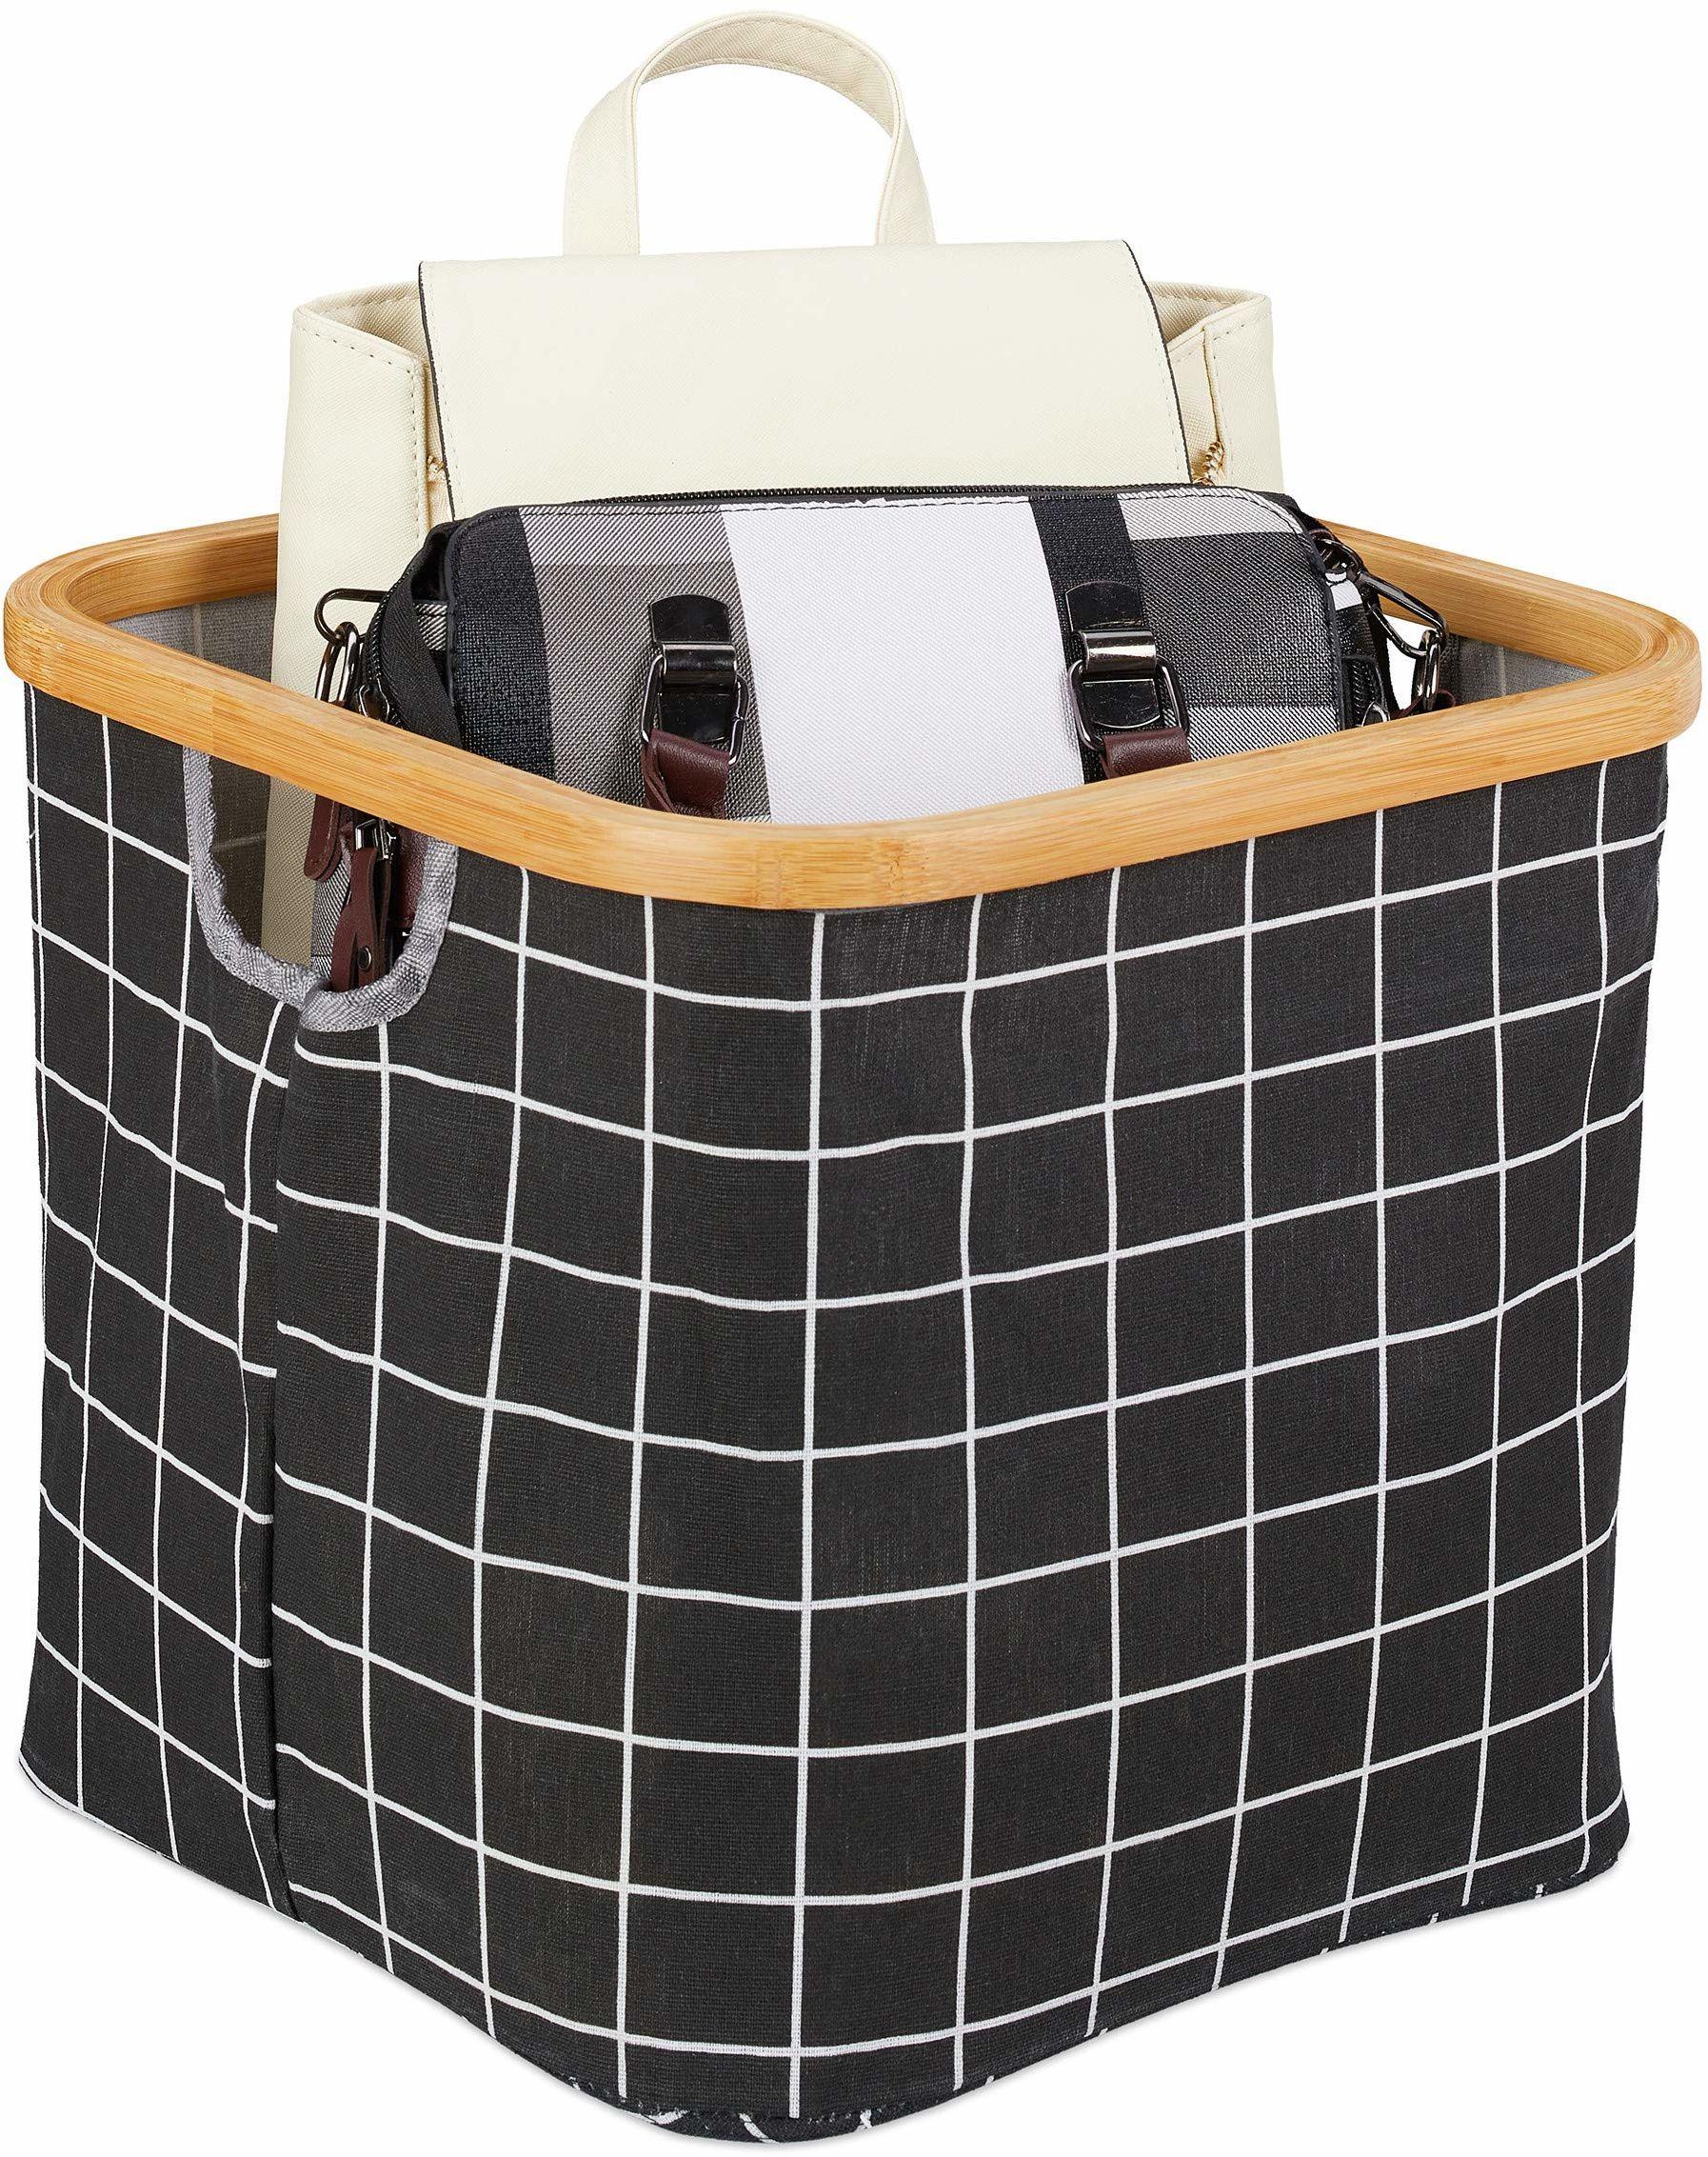 Relaxdays Pudełko do przechowywania, składane, kosz materiałowy z krawędzią bambusową i uchwytem, wys. x szer. x gł.: 30, 5 x 33,5 cm, kosz regałowy, czarny w kratkę, 5 x 33,5 x 33,5 cm